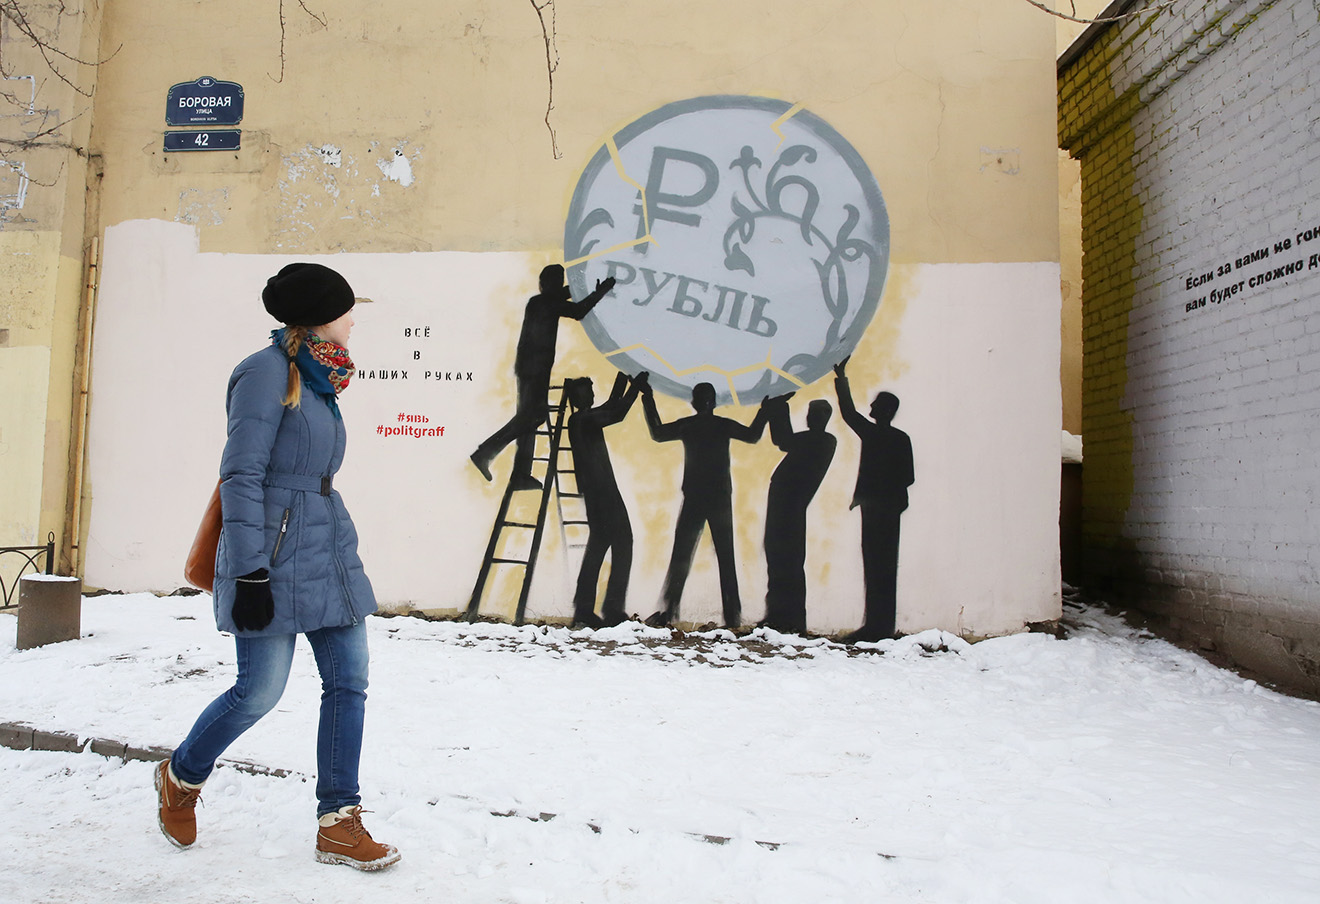 Граффити с изображением падающего рубля в Санкт-Петербурге. Фото: Петр Ковалев / ТАСС